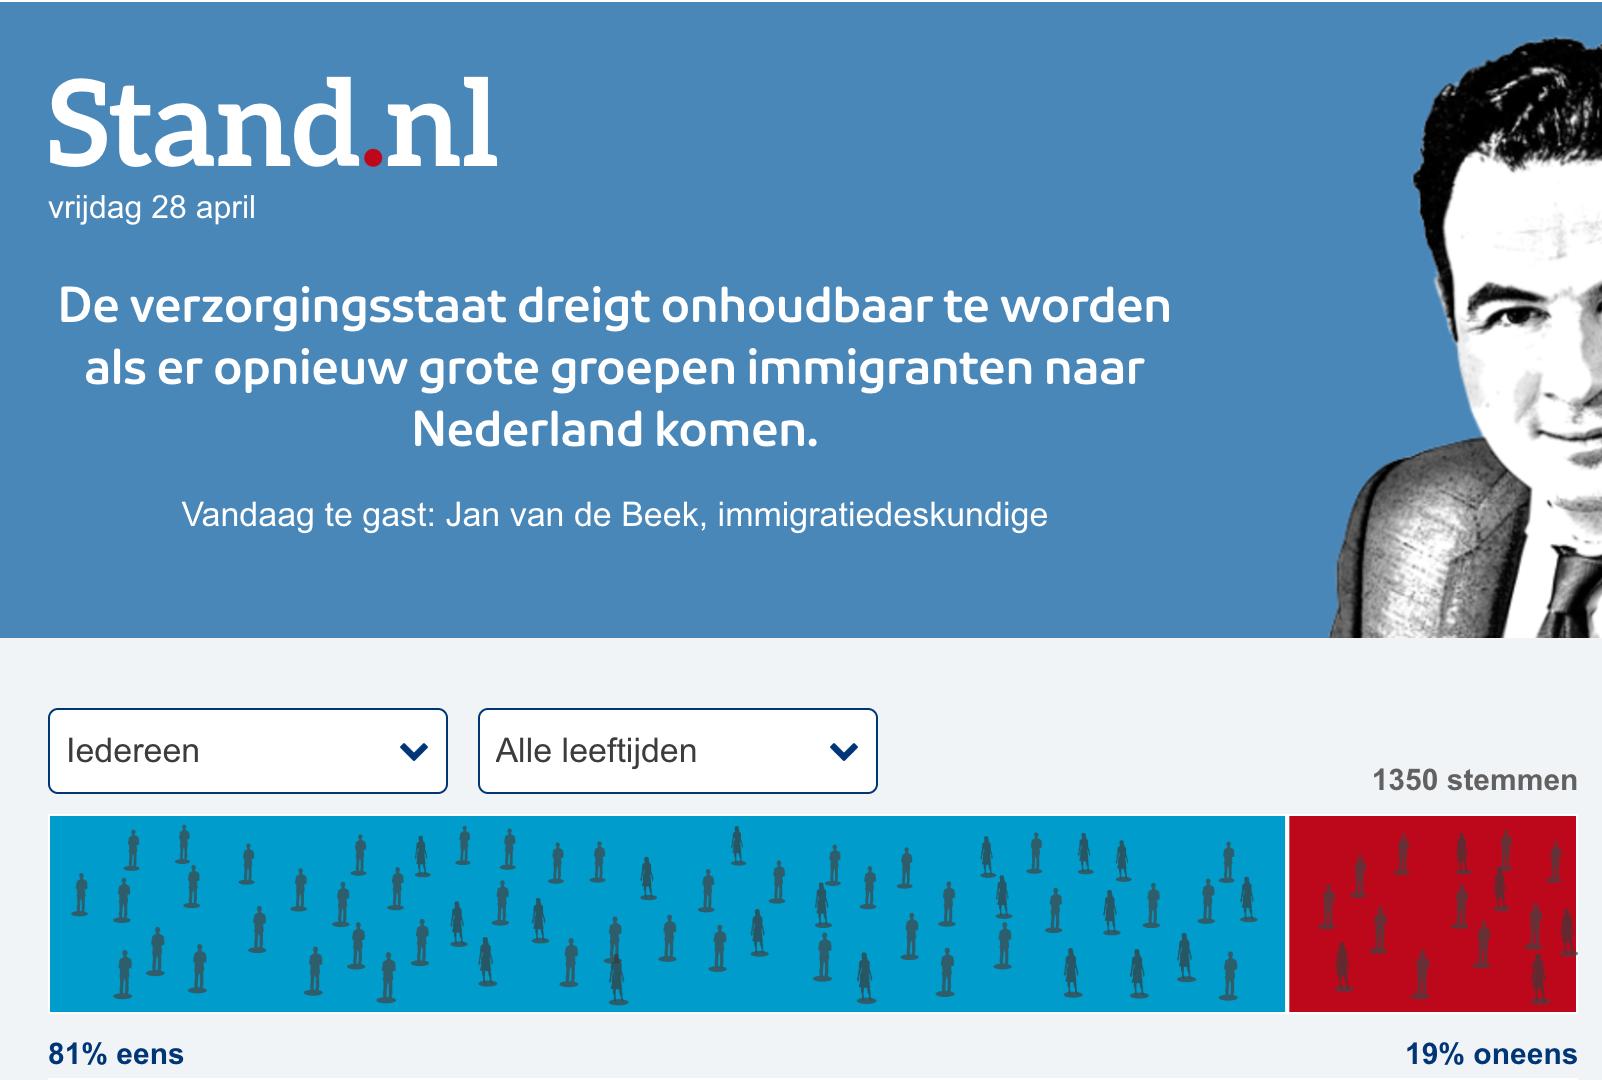 nederlandtzegtneetegenmeermigratie.png